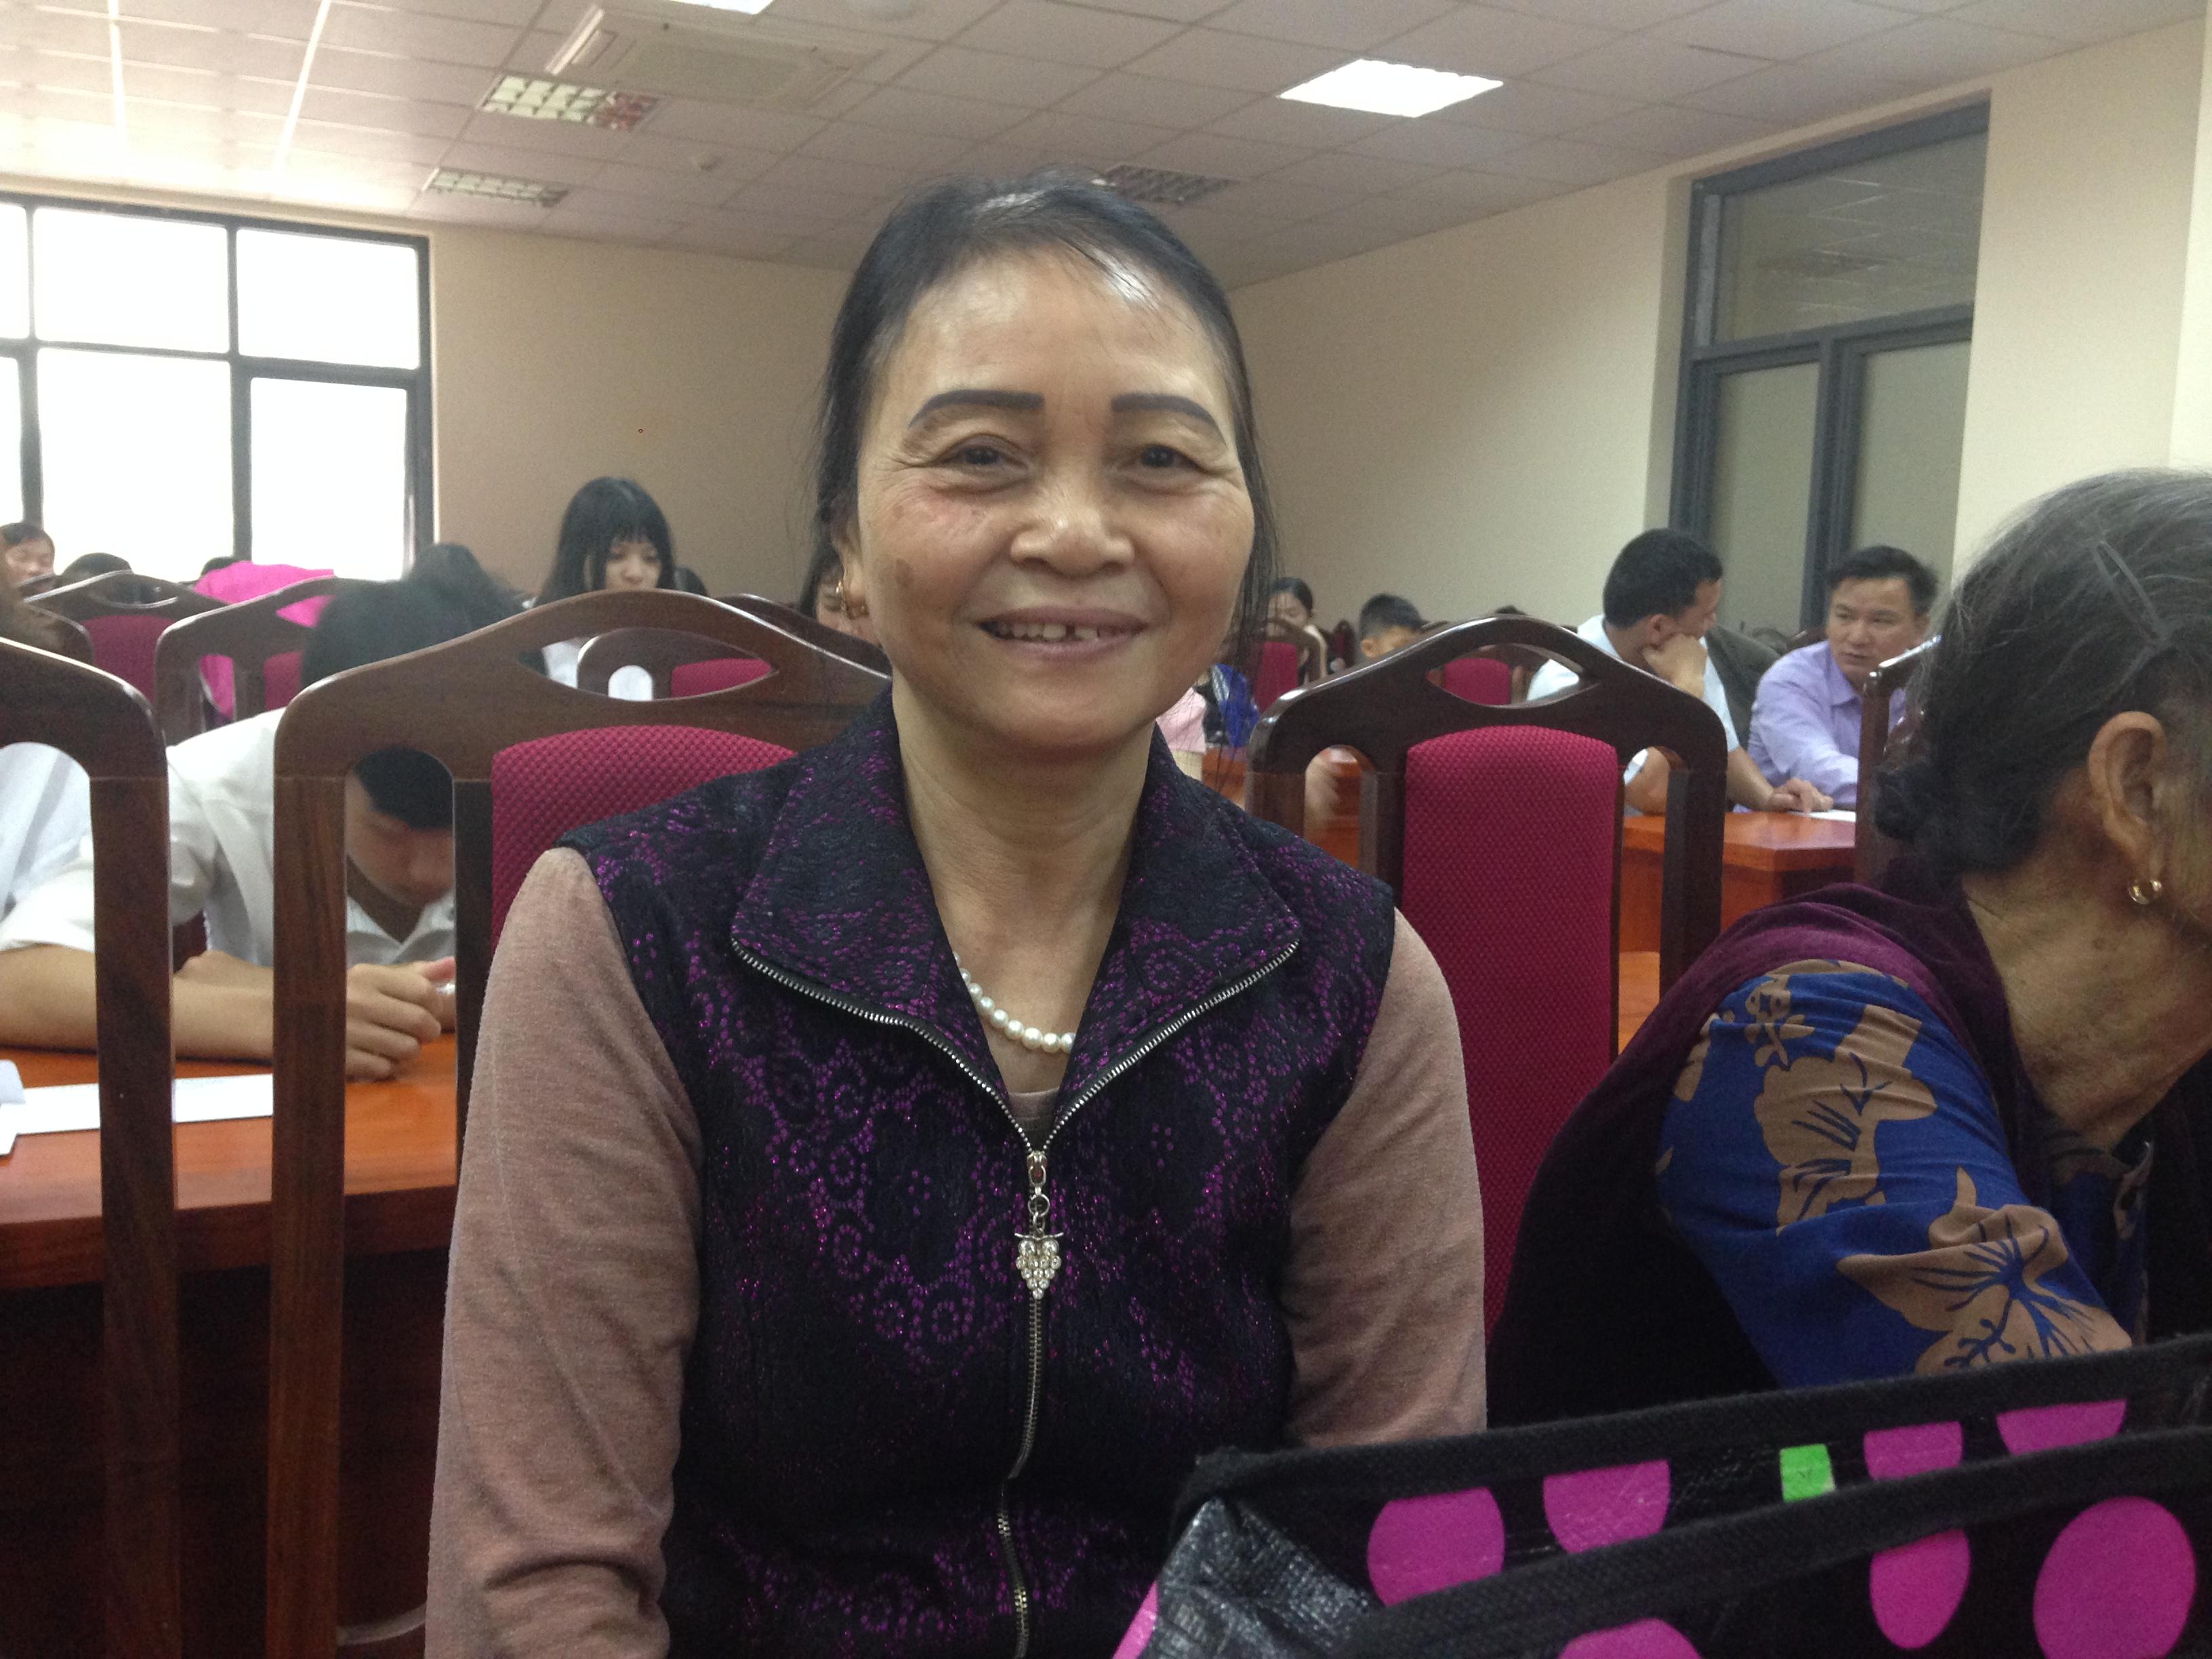 COLSON_Maman de HOANG Thi Thom